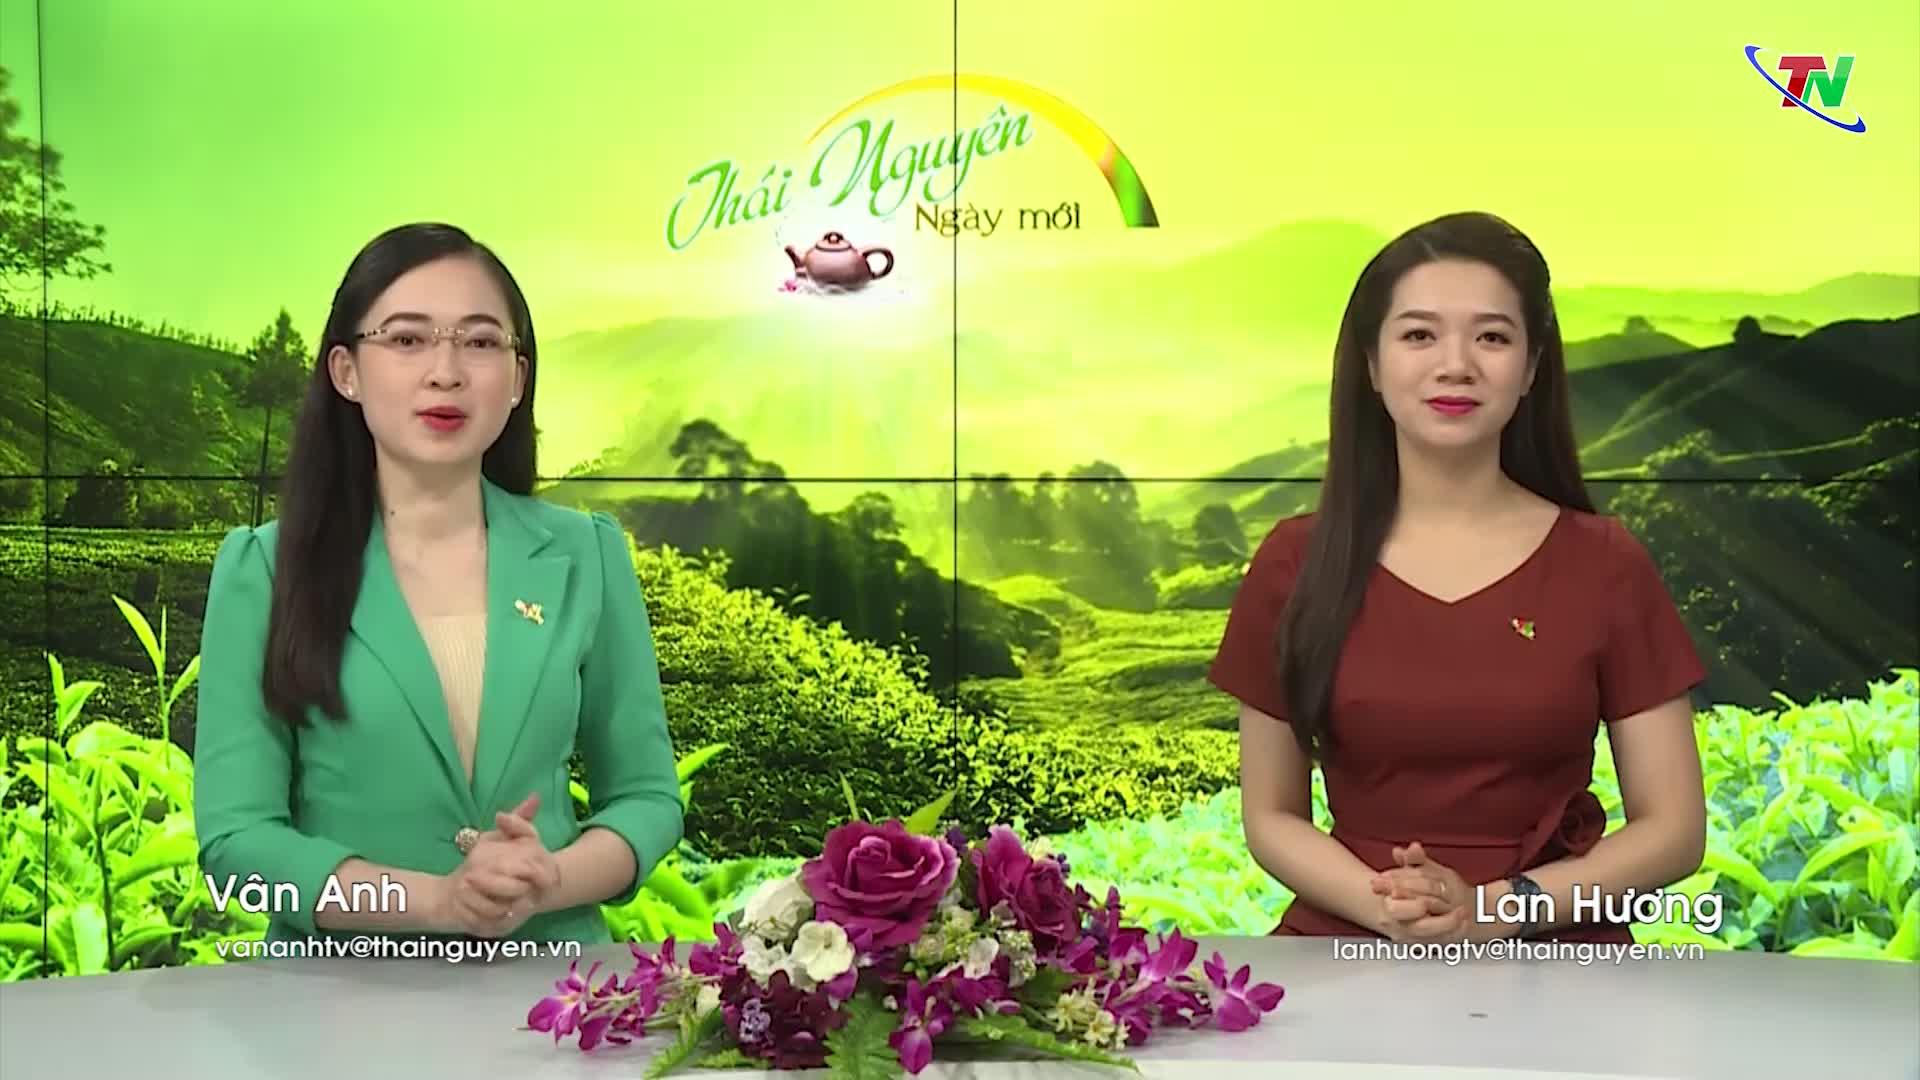 Chương trình Thái Nguyên ngày mới ngày 24/5/2020